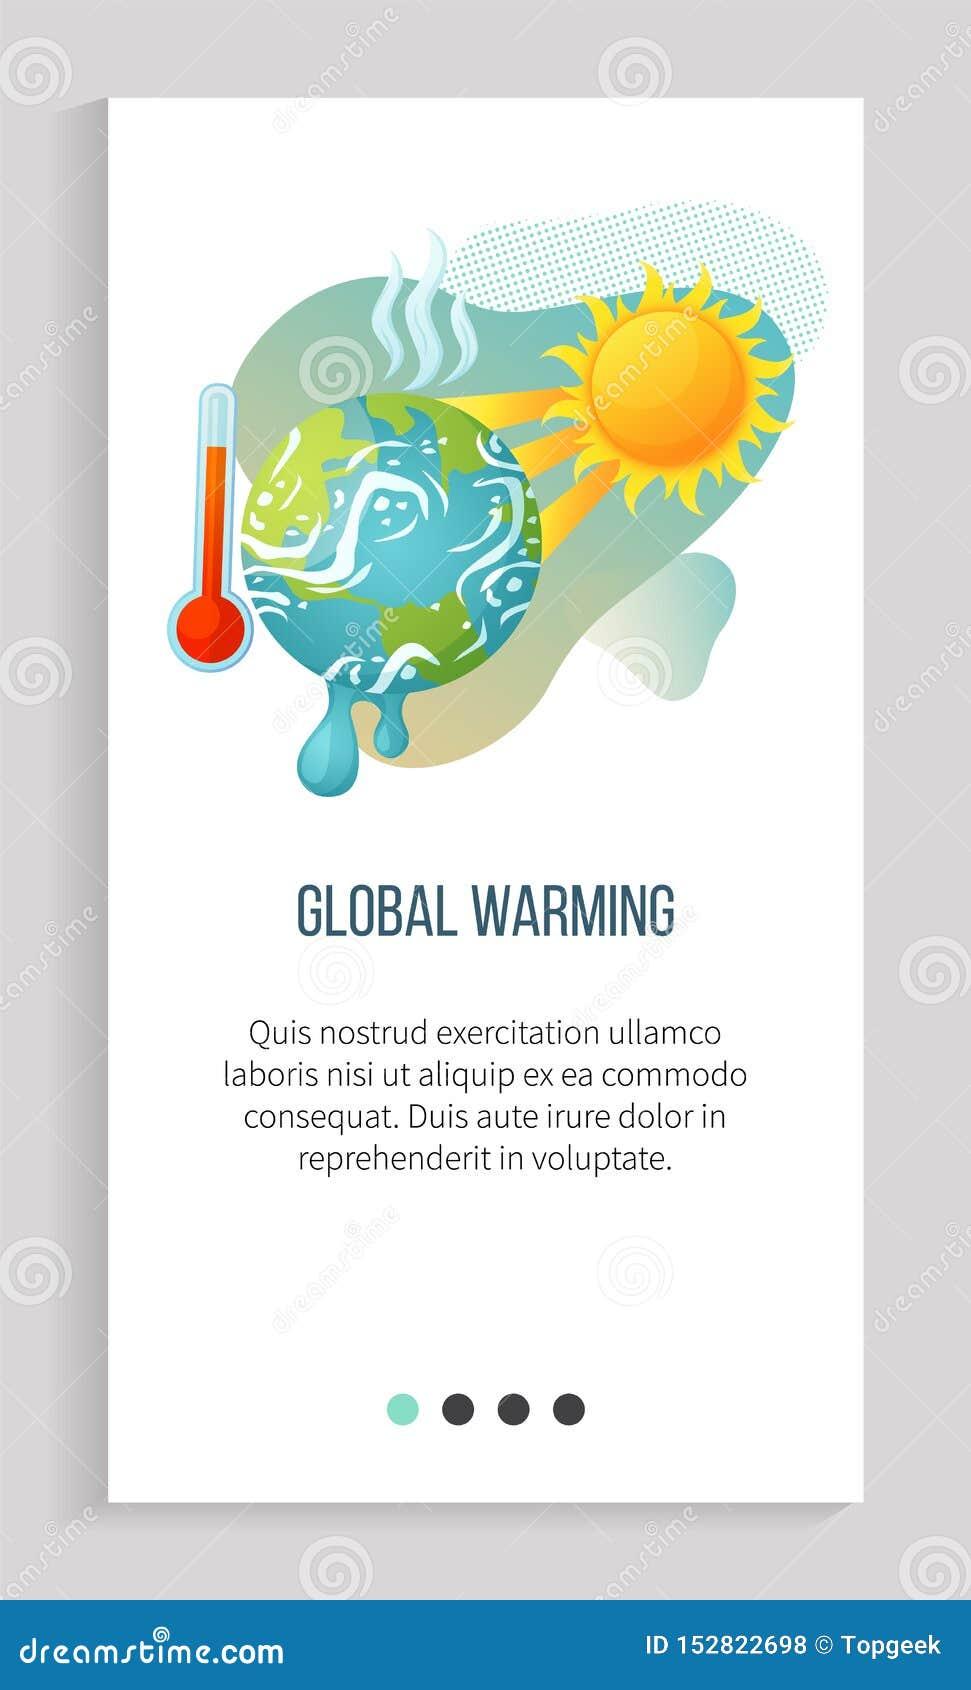 Alto nível do cataclismo, tempo quente, App de aquecimento